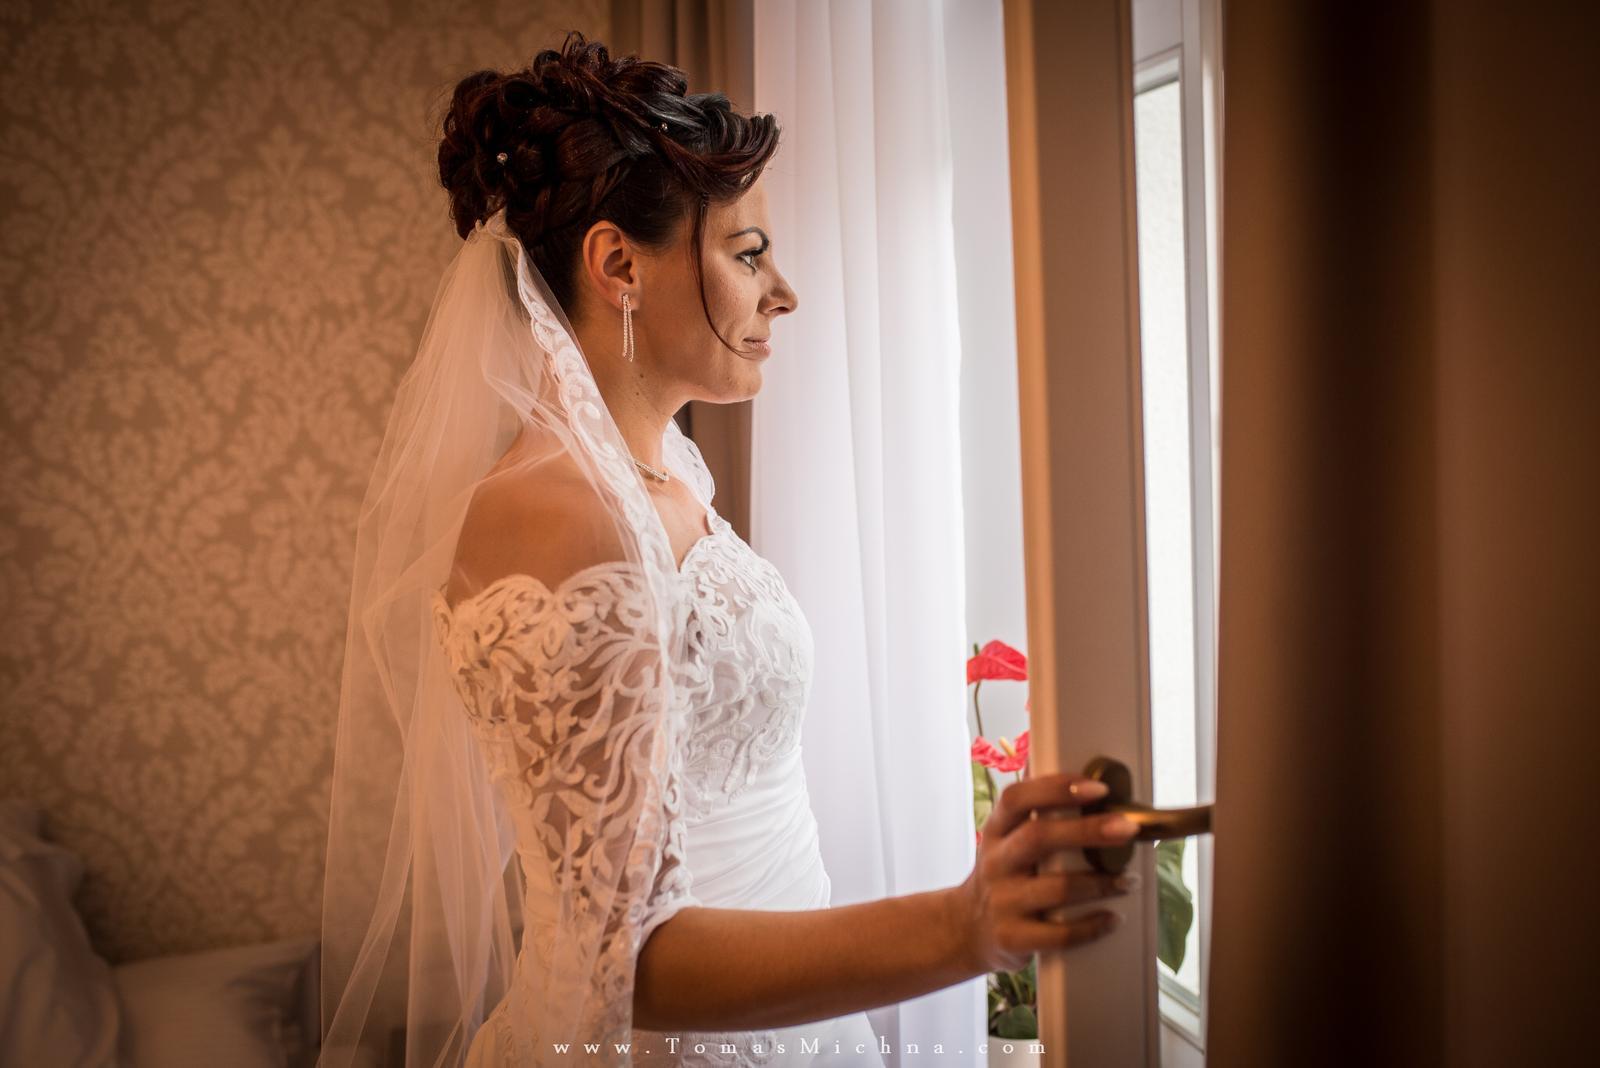 Svatba na zámku Chalupki - Obrázek č. 4